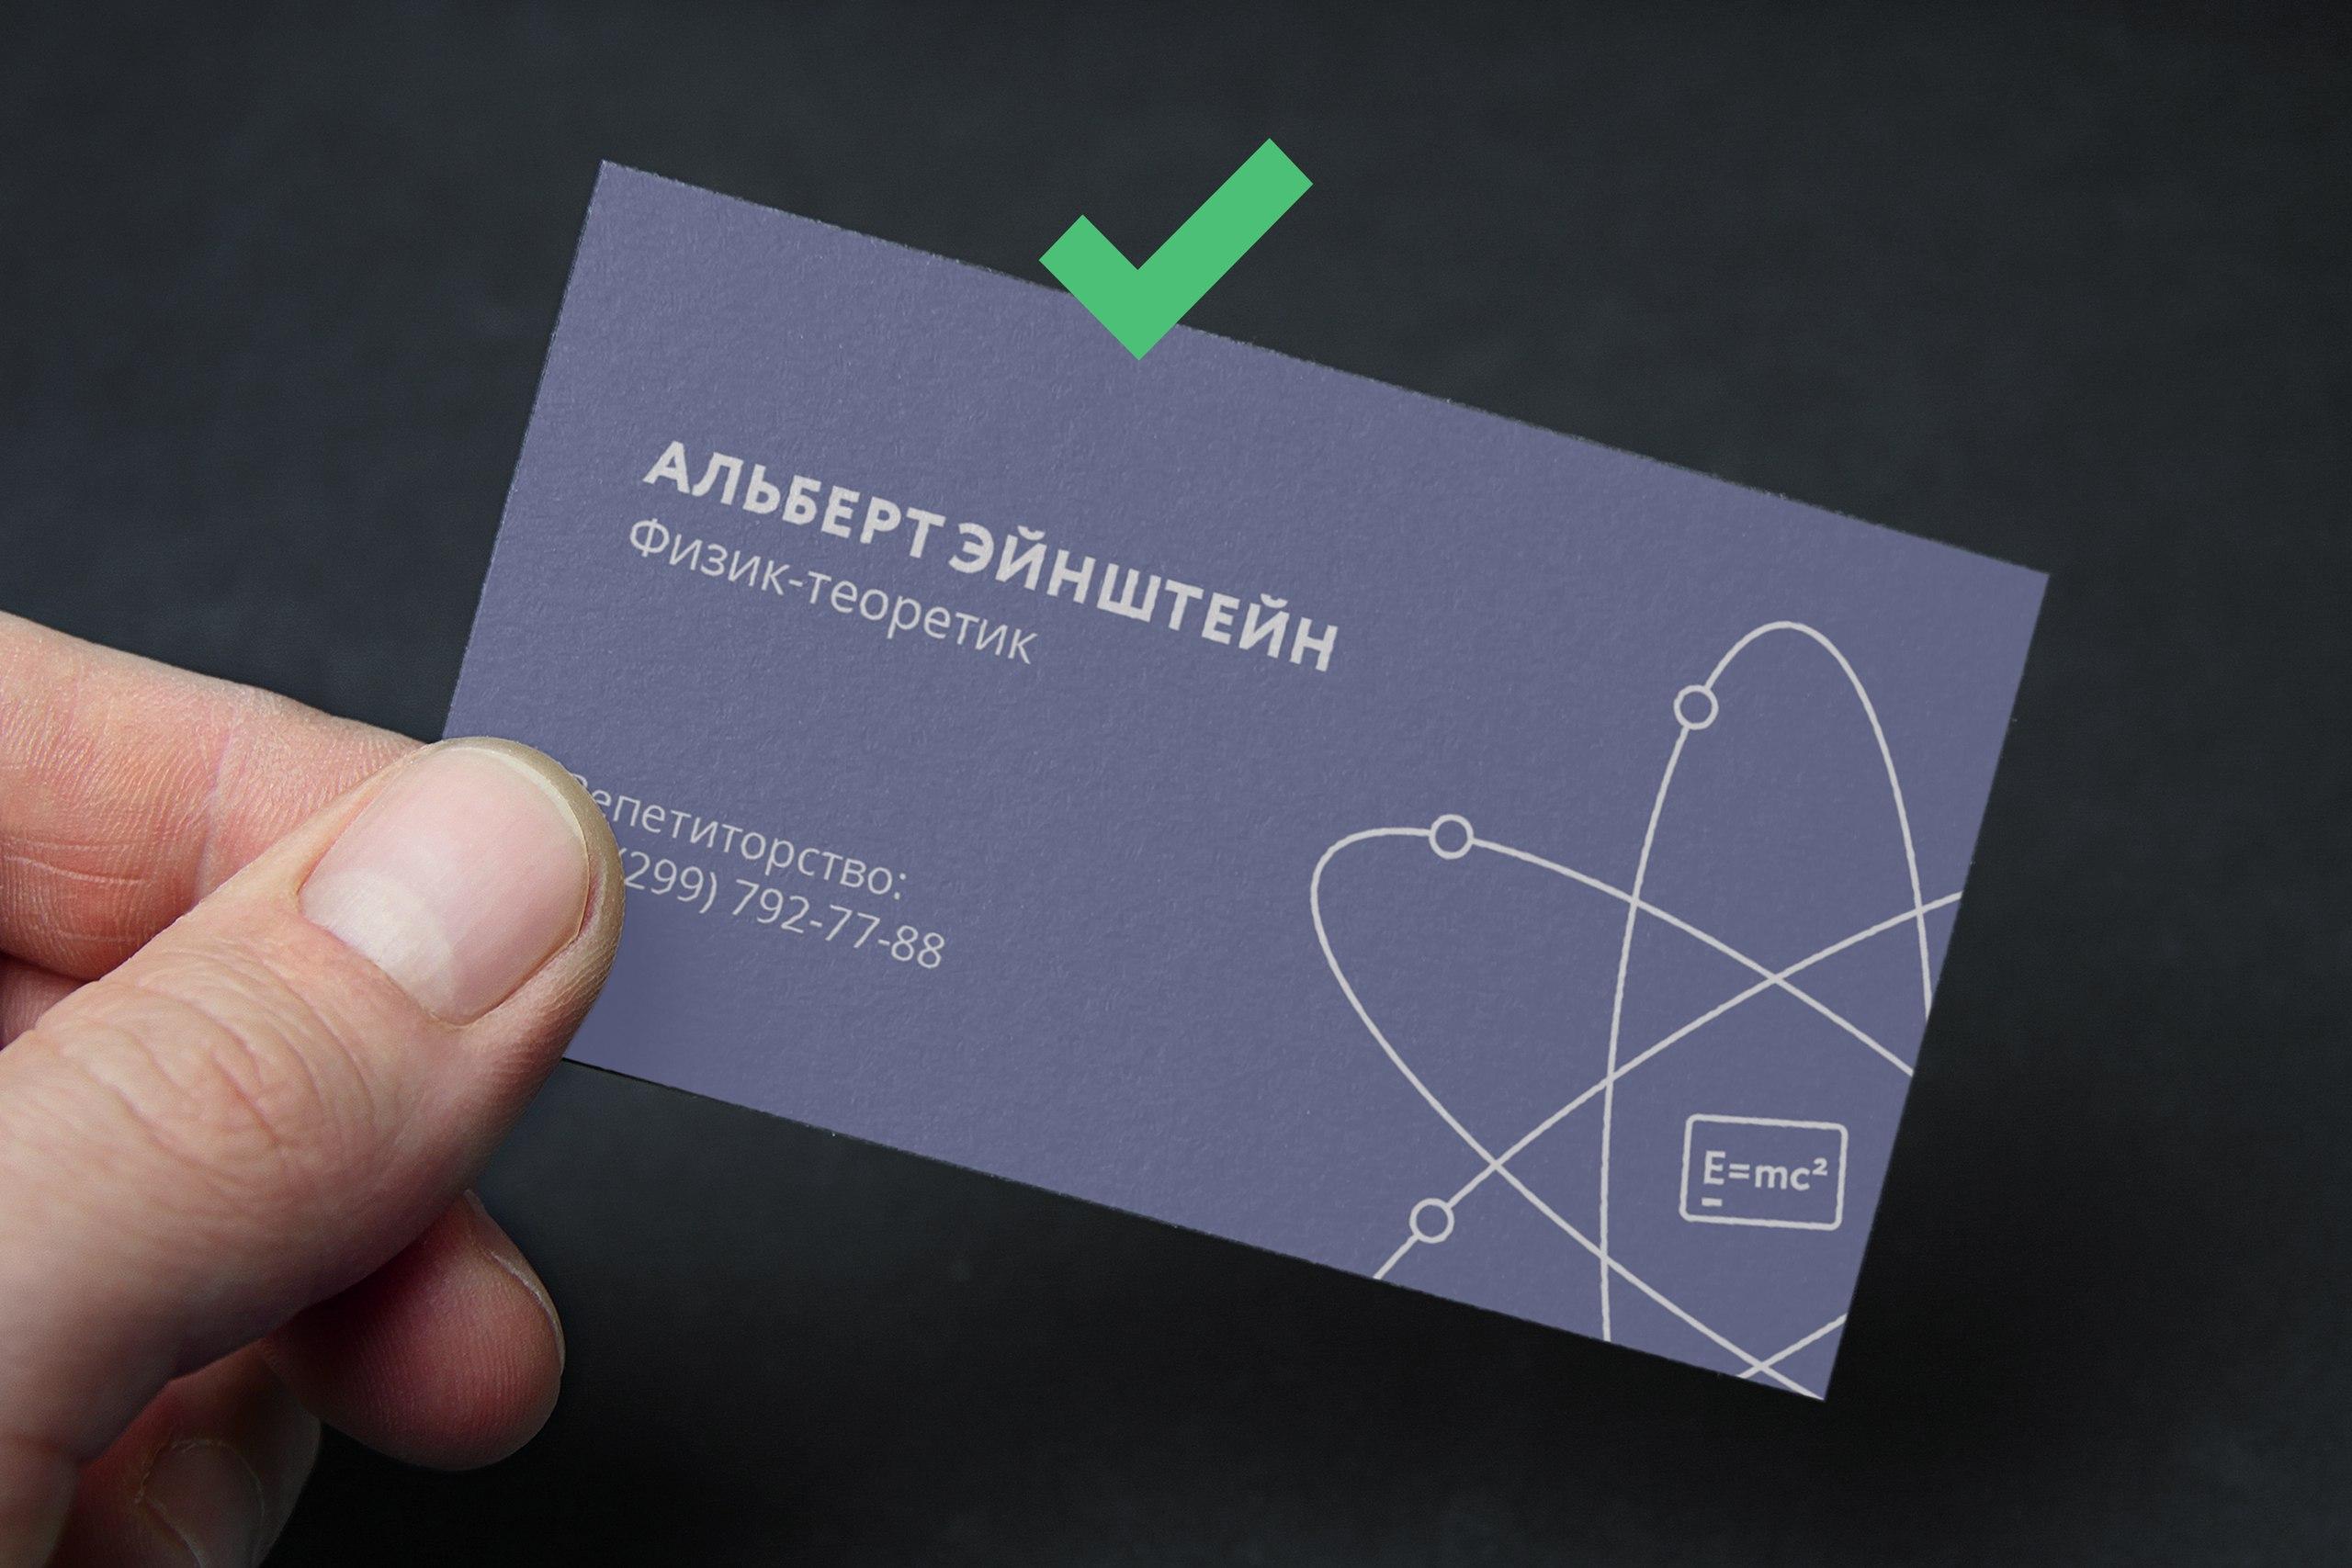 можно ли на визитках использовать любую картинку нашли